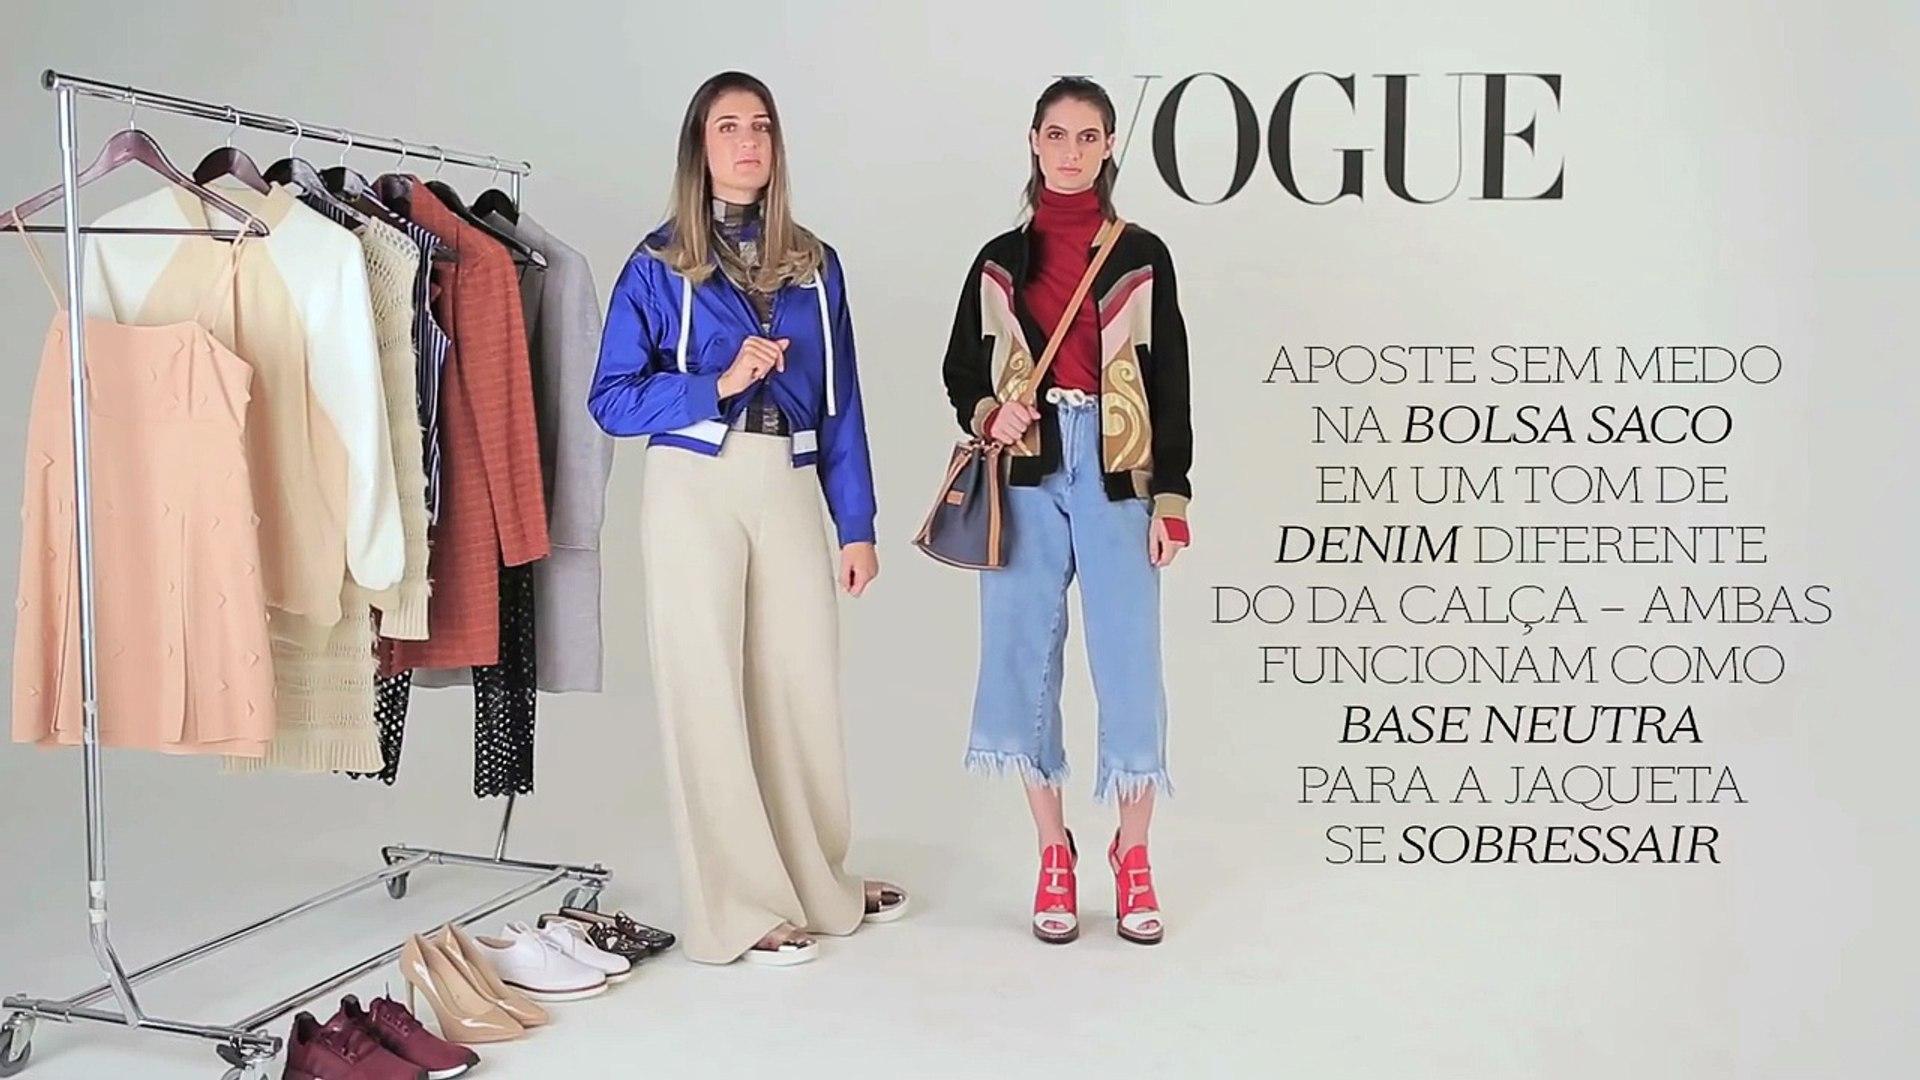 No Dicas Bárbaras, aprenda como introduzir roupas esportivas no seu dia a dia